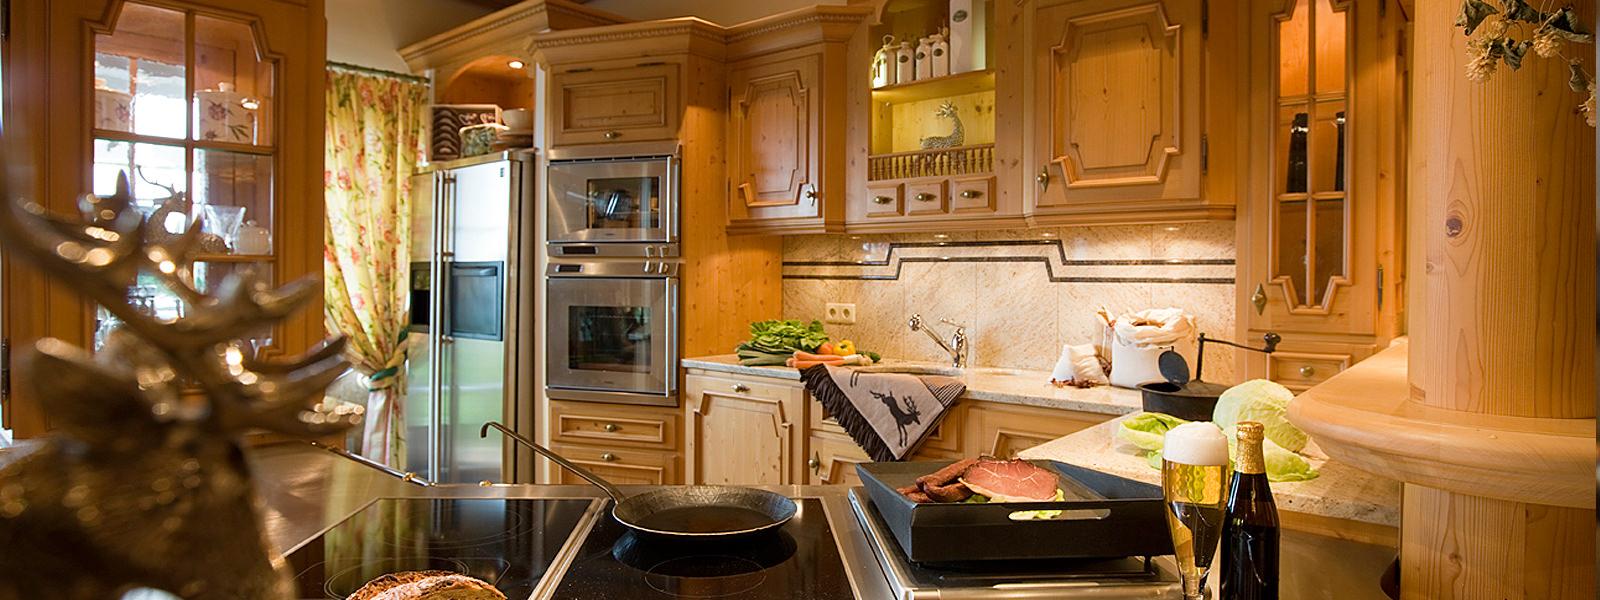 Full Size of Landhausküche Hochwertige Landhauskchen Exklusiv Und Fr Jeden Geschmack Weisse Grau Moderne Gebraucht Weiß Küche Landhausküche